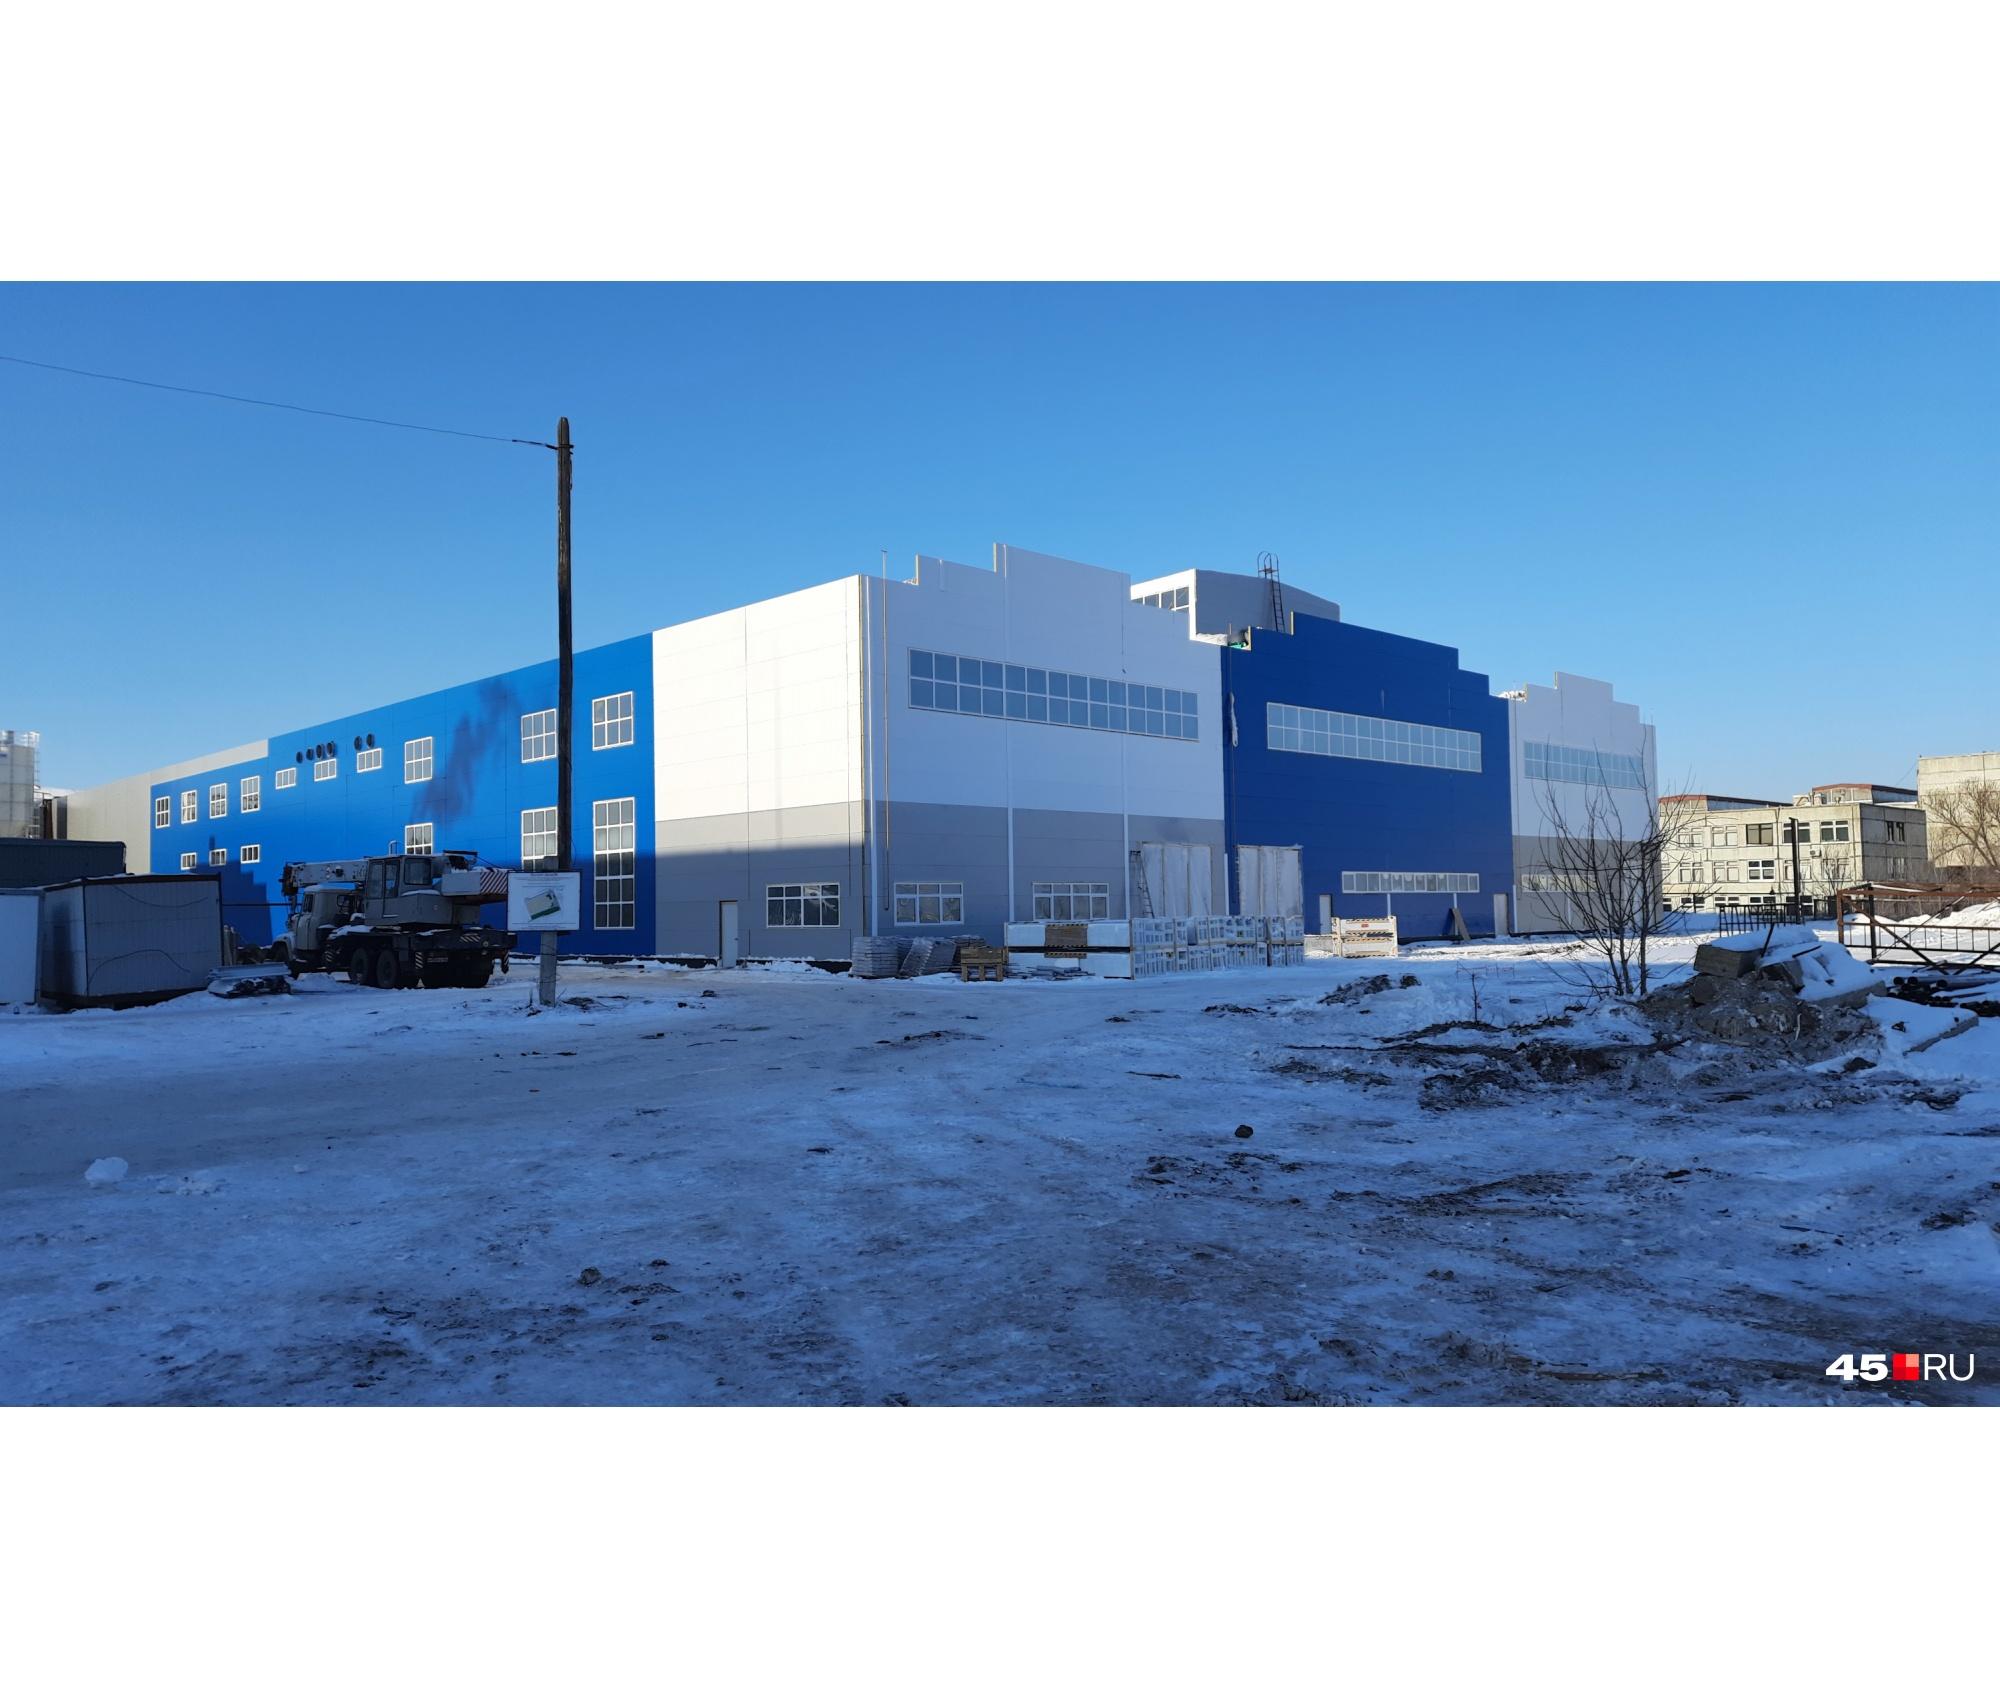 Так выглядит обновленное здание цеха на территории бывшего завода «Икар»